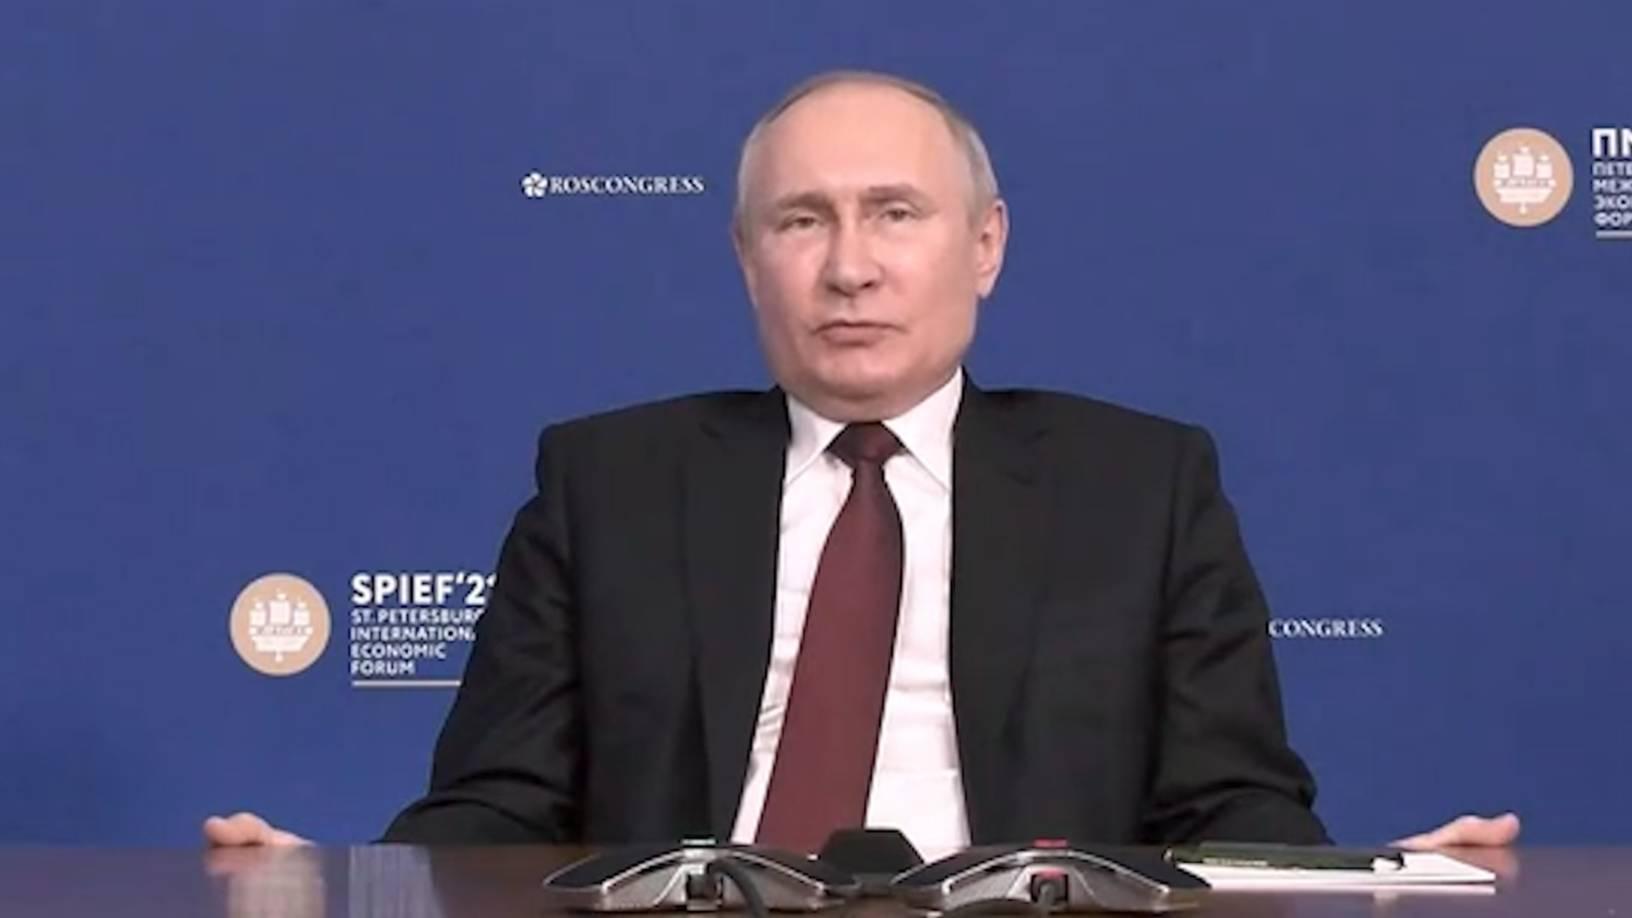 Сапоги всмятку: Путин назвал чушью упрёки в использовании Спутника V для политического давления